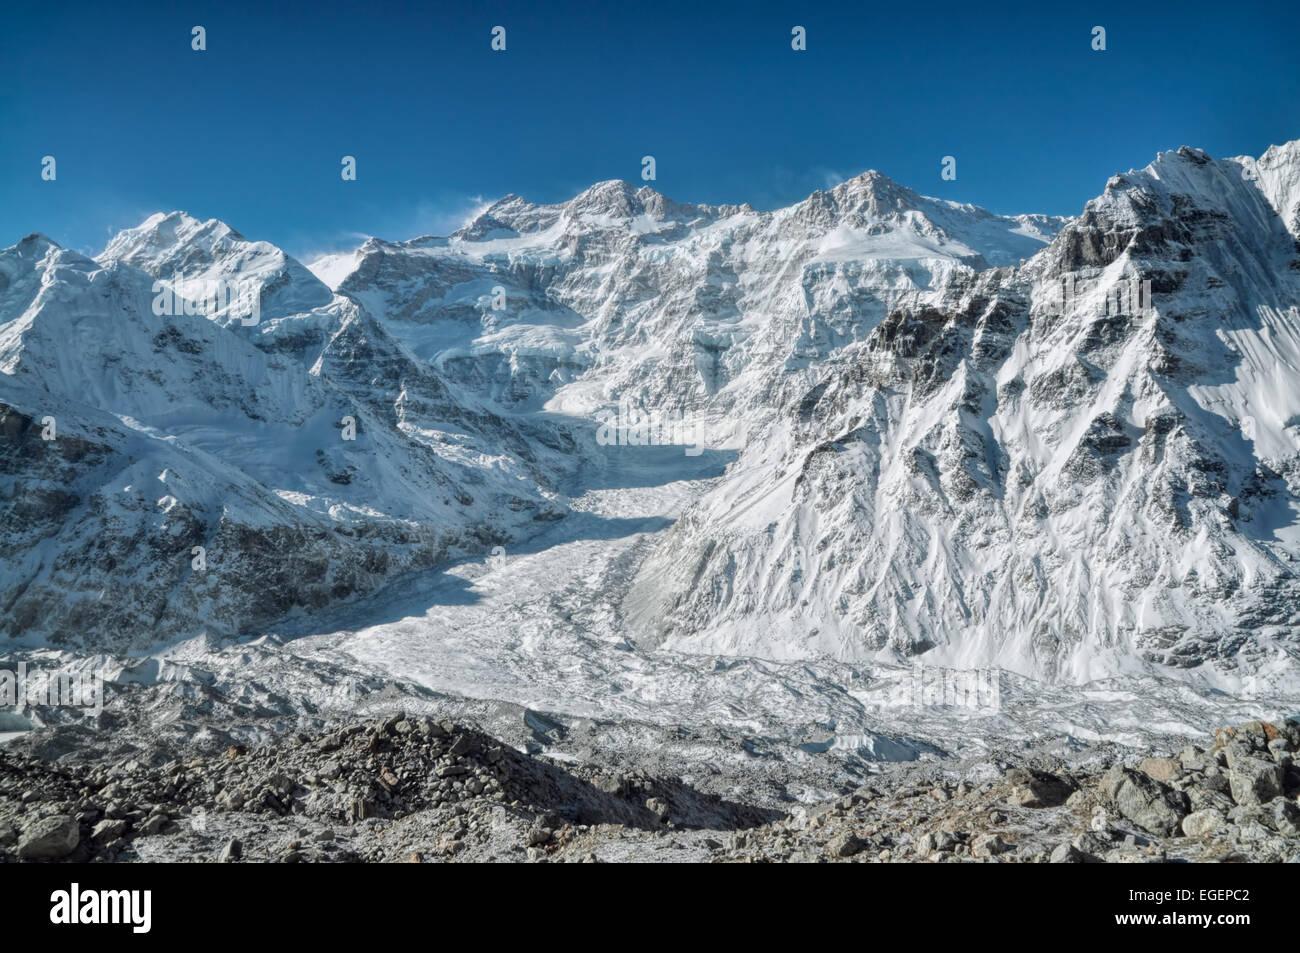 Vista mozzafiato del Kangchenjunga innevate montagne del Nepal Immagini Stock